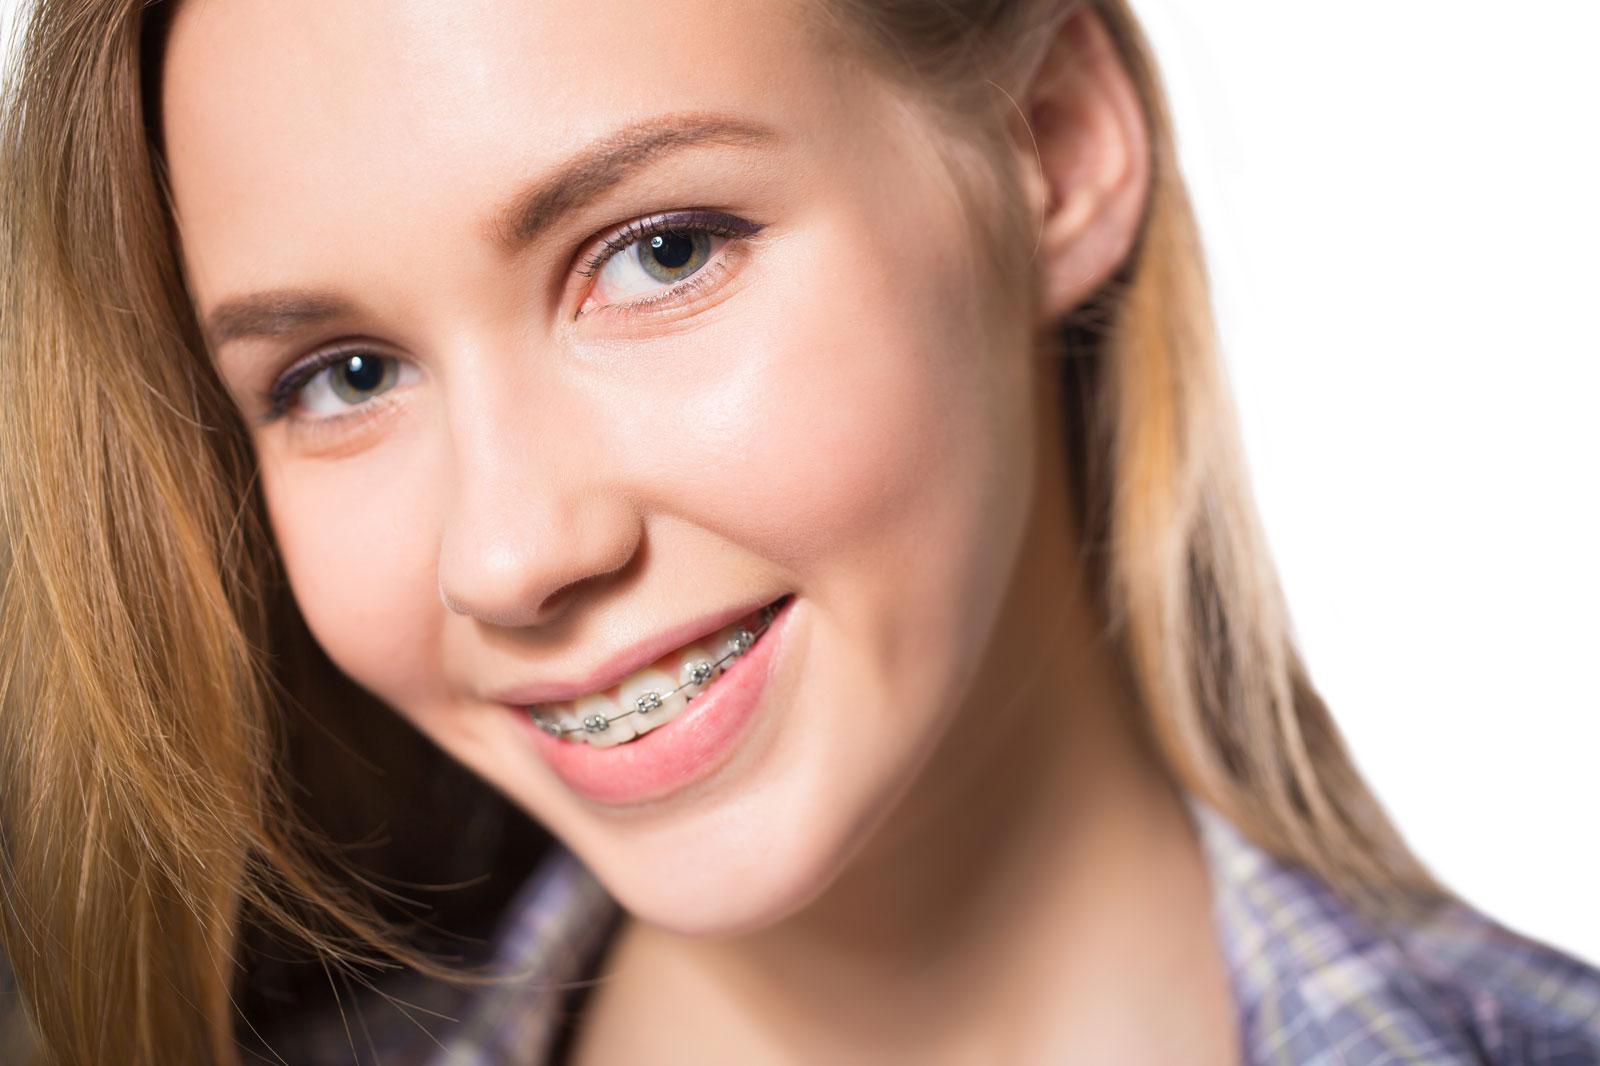 aparat dentar adolescenti